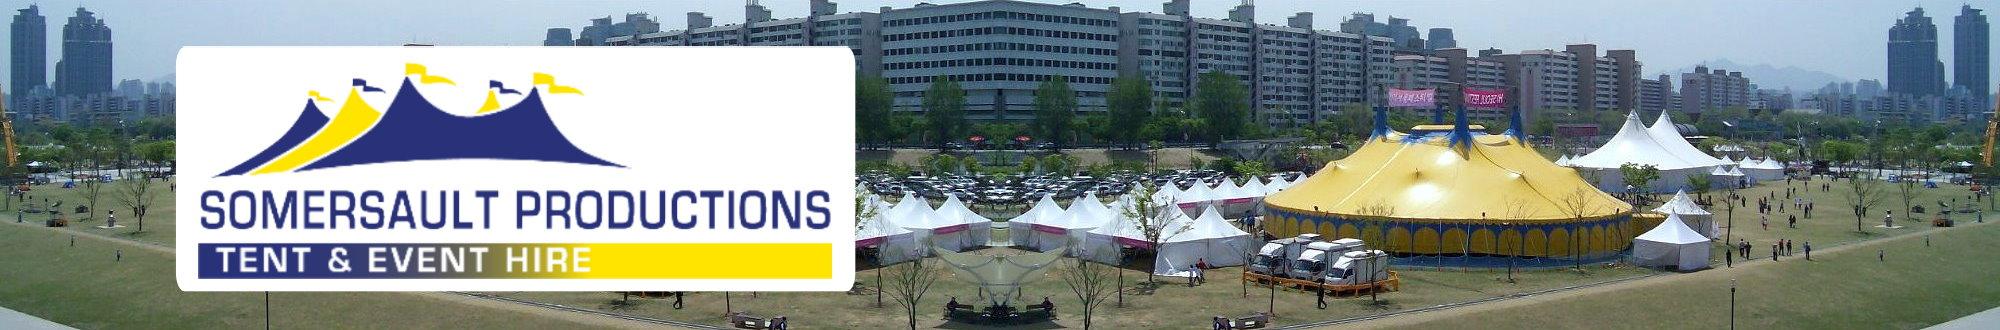 Seoul tents